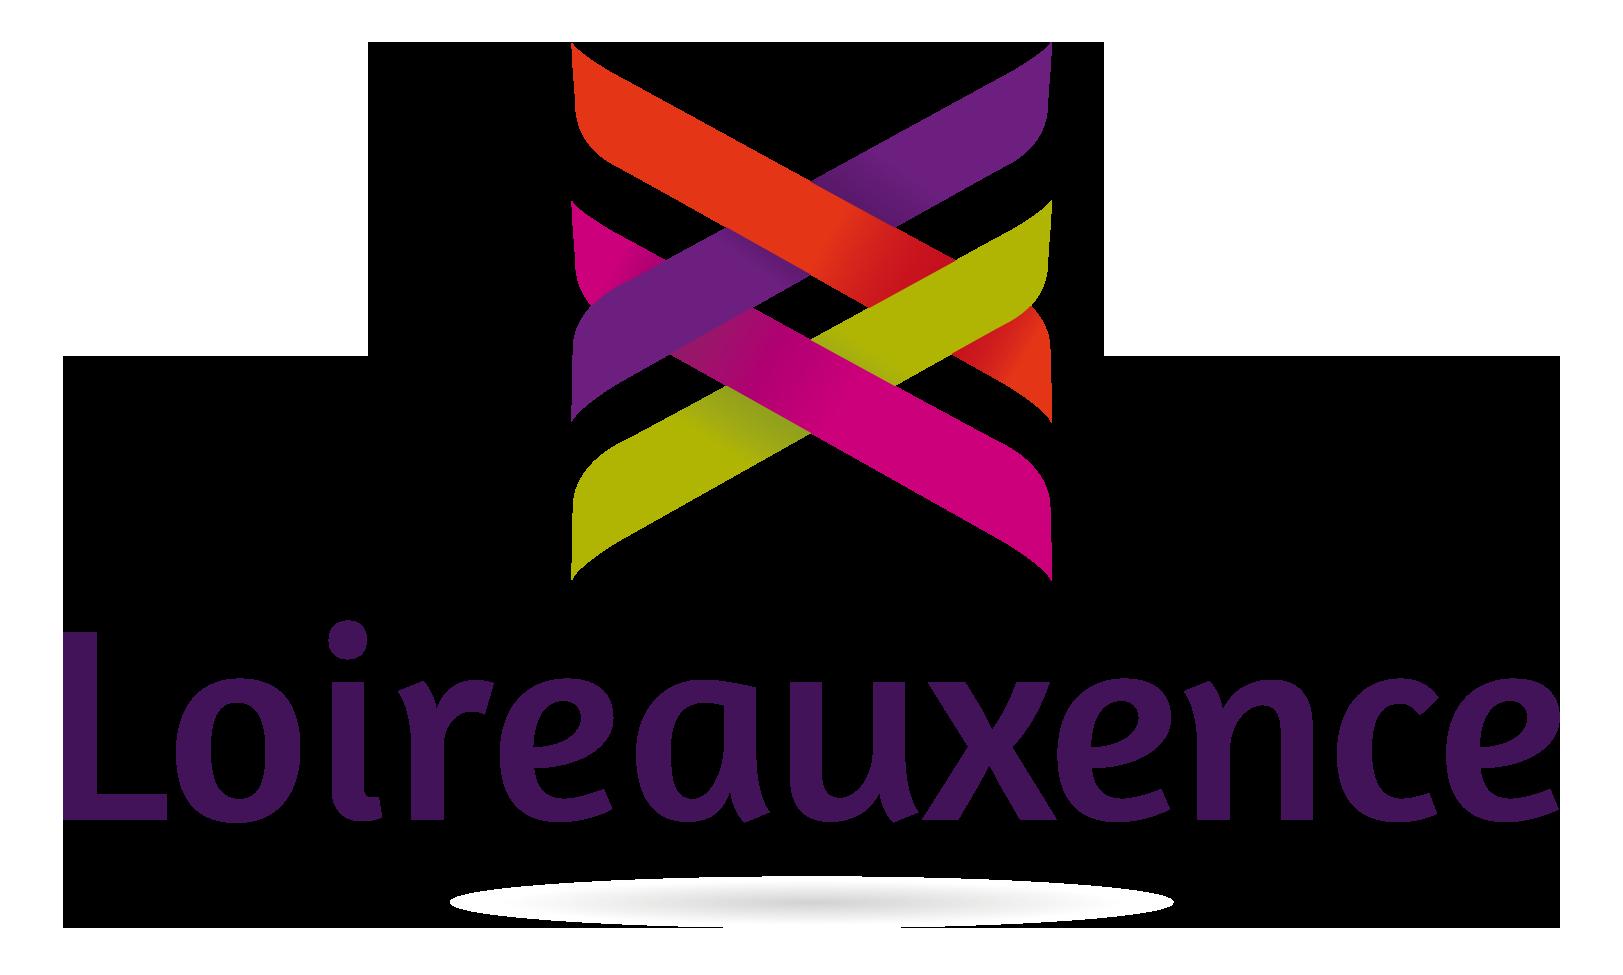 Logo Commune de Loireauxence